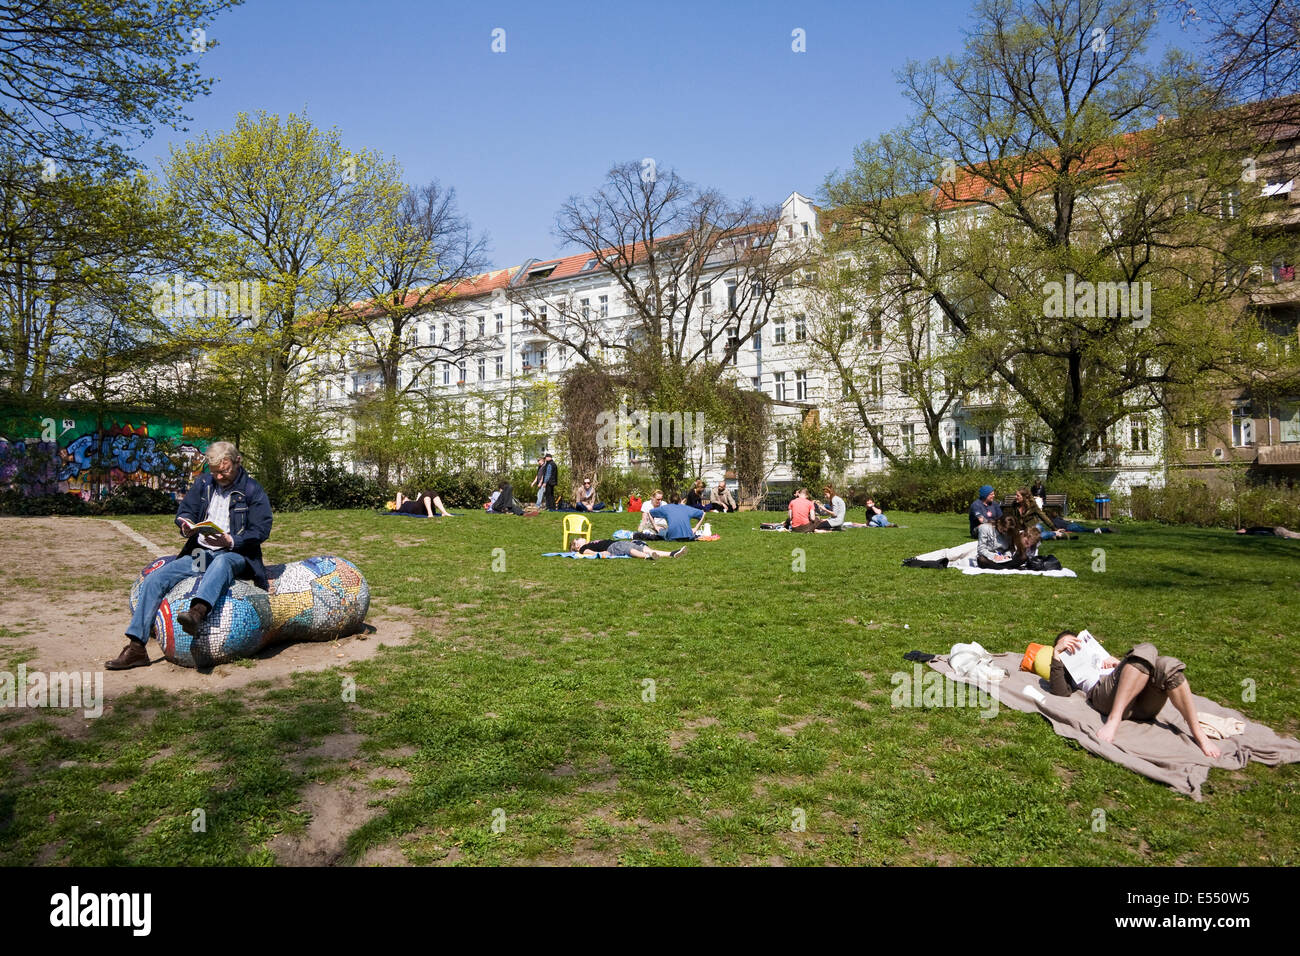 Helmholtzplatz Berlin Deutschland Stockfoto Bild 72025217 Alamy